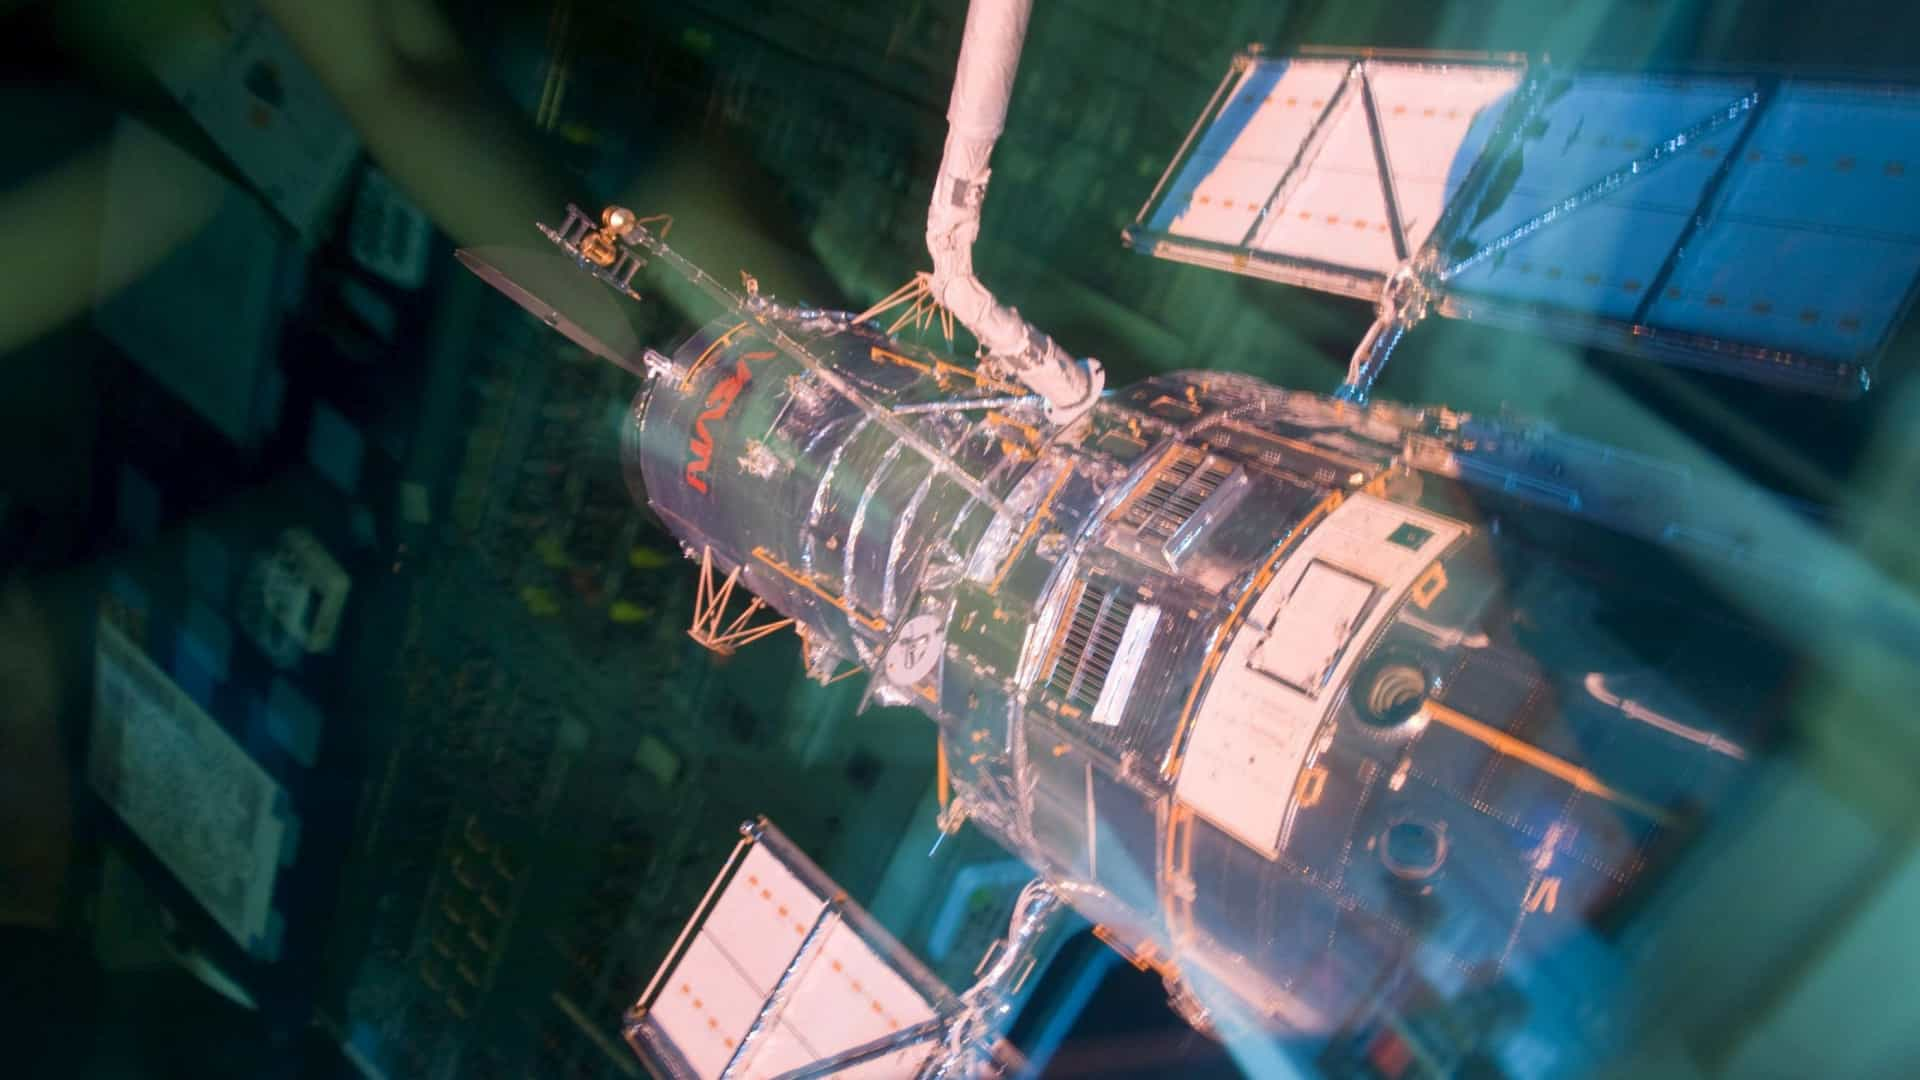 Problema no telescópio espacial Hubble suspende observações